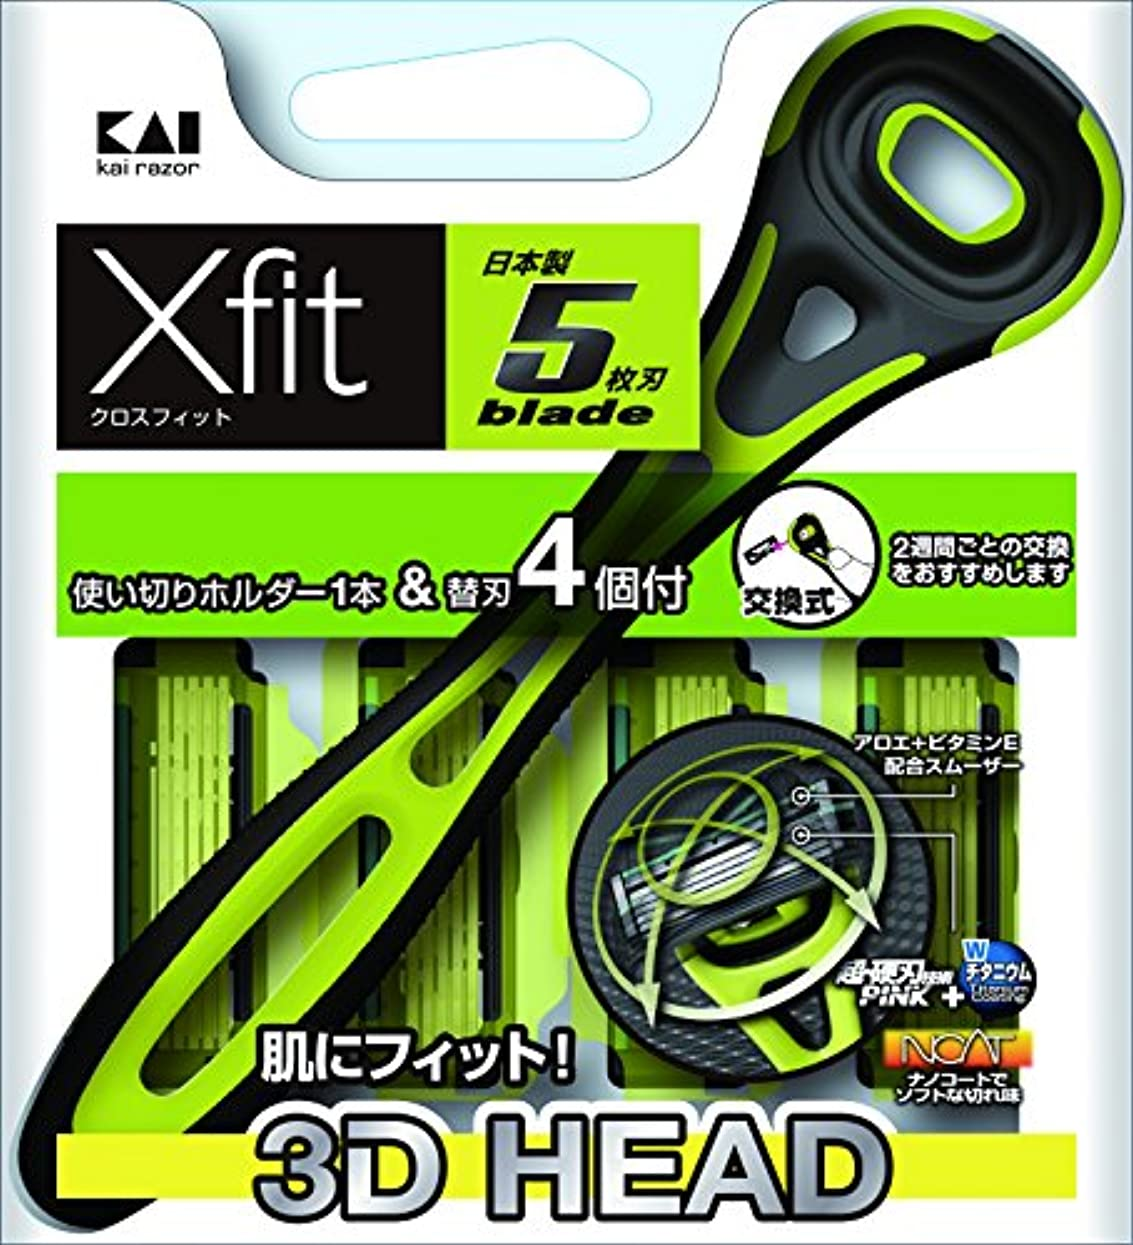 性格配当マチュピチュXfit(クロスフィット)5枚刃 クリアパッケージ 使い切りホルダー+替刃4個